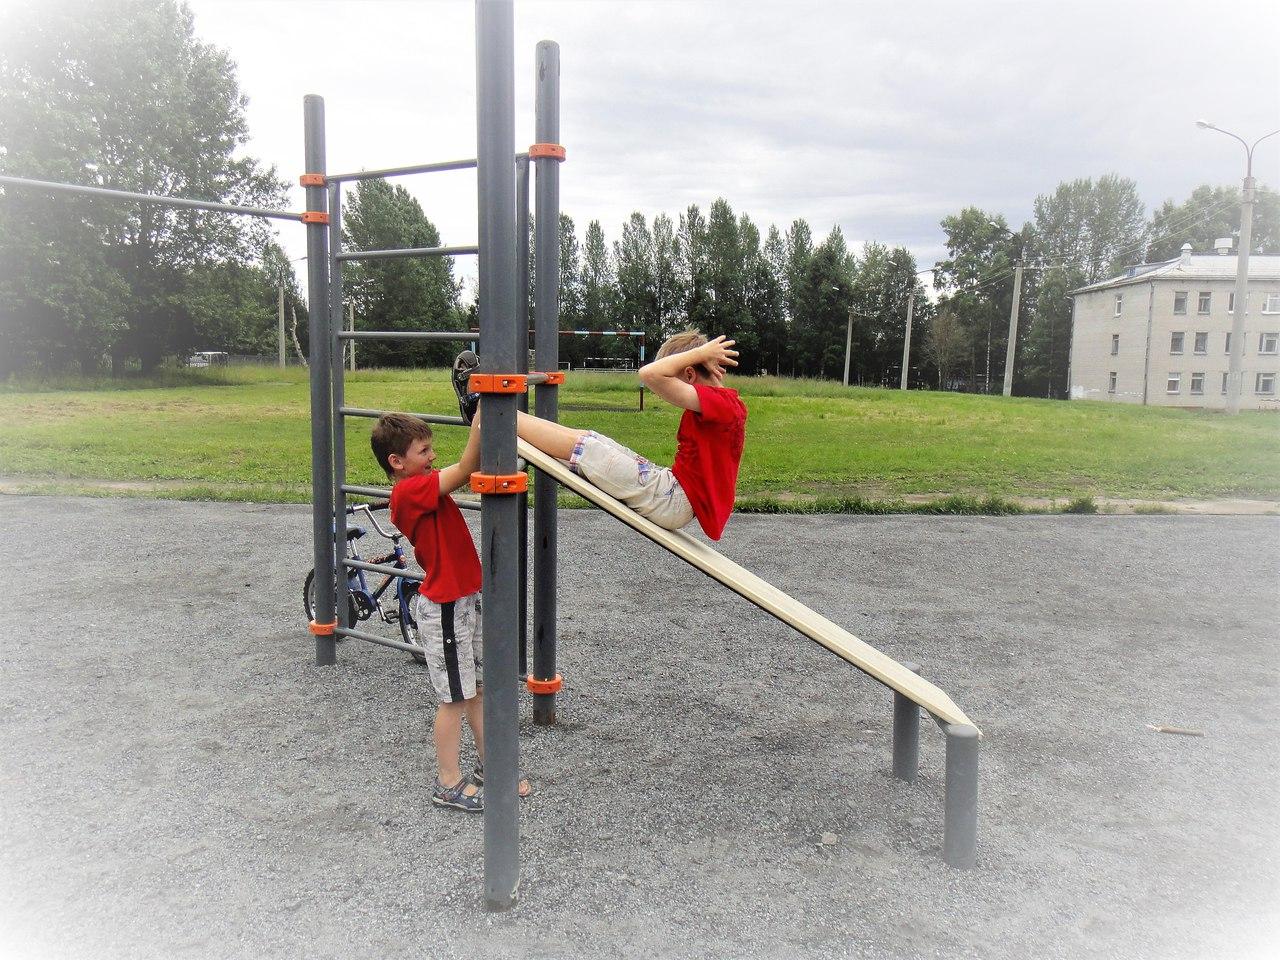 спорт снаряды дети лето новодвинск отжимания открытка